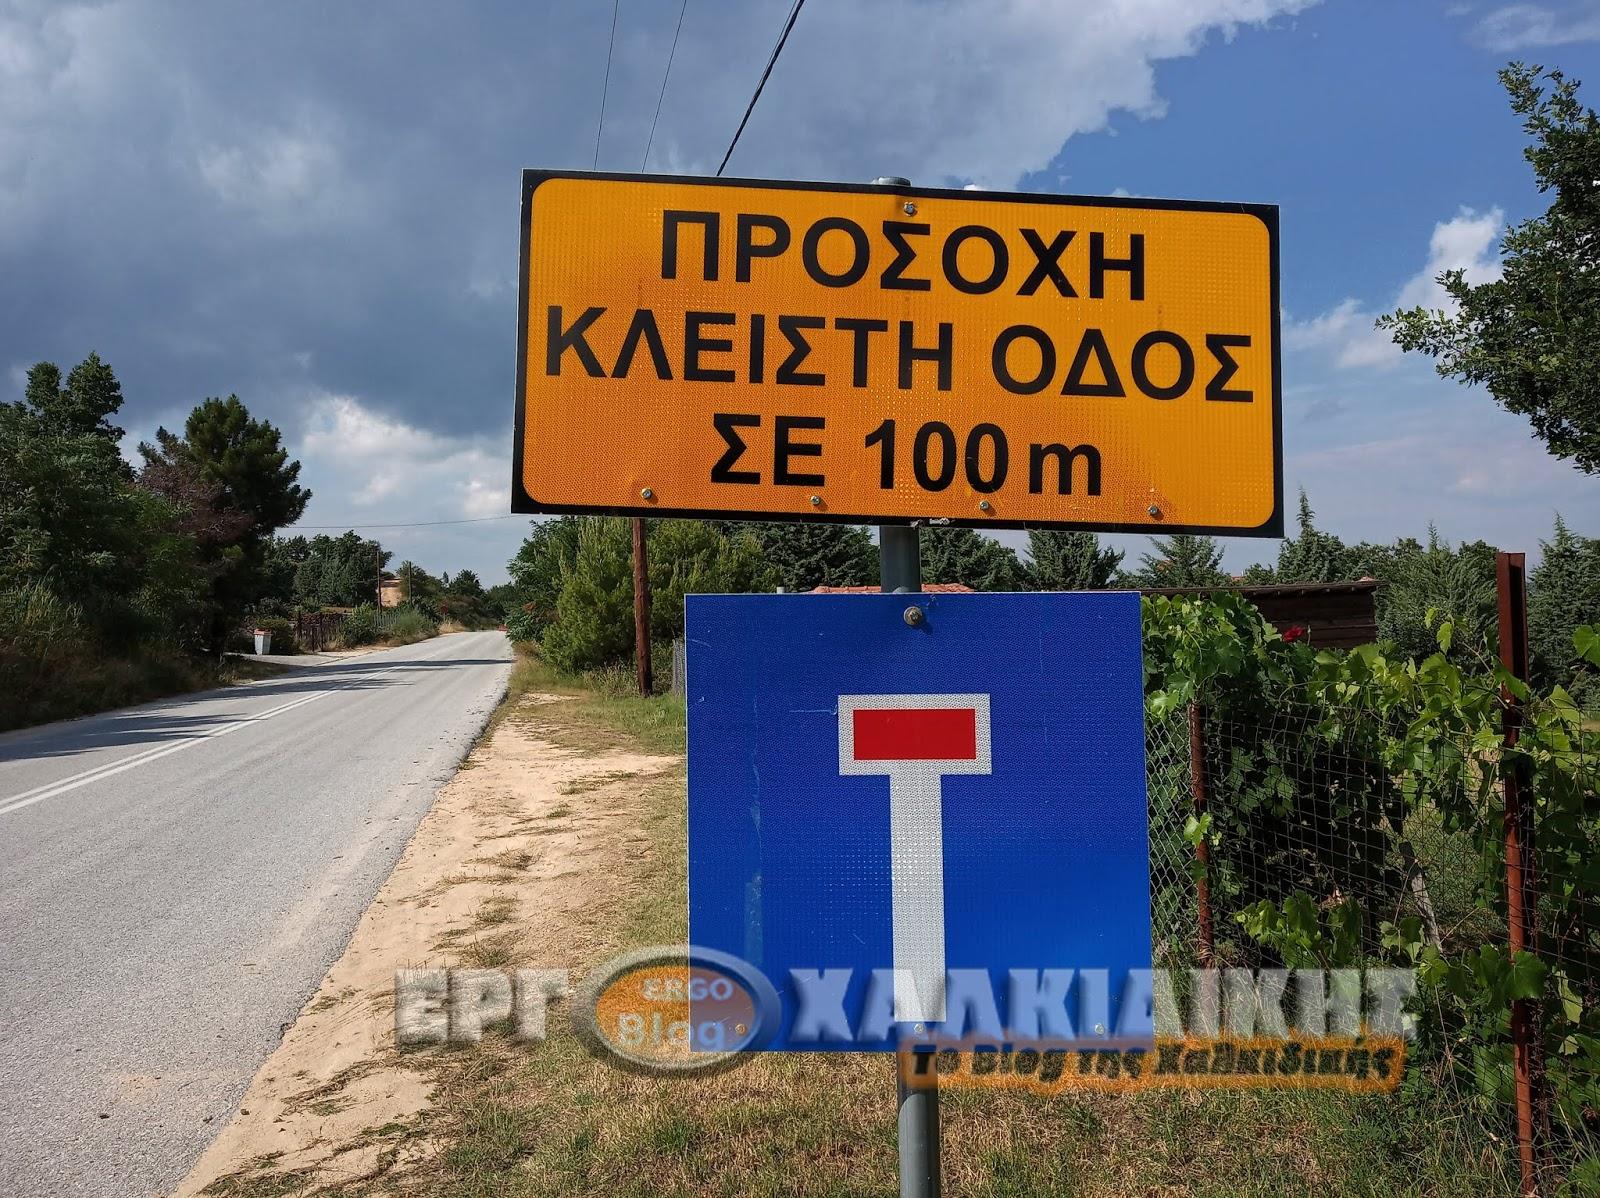 Καθημερινό φαινόμενο η παραβίαση του μονόδρομου   από Αρναία προς Θεσσαλονίκη